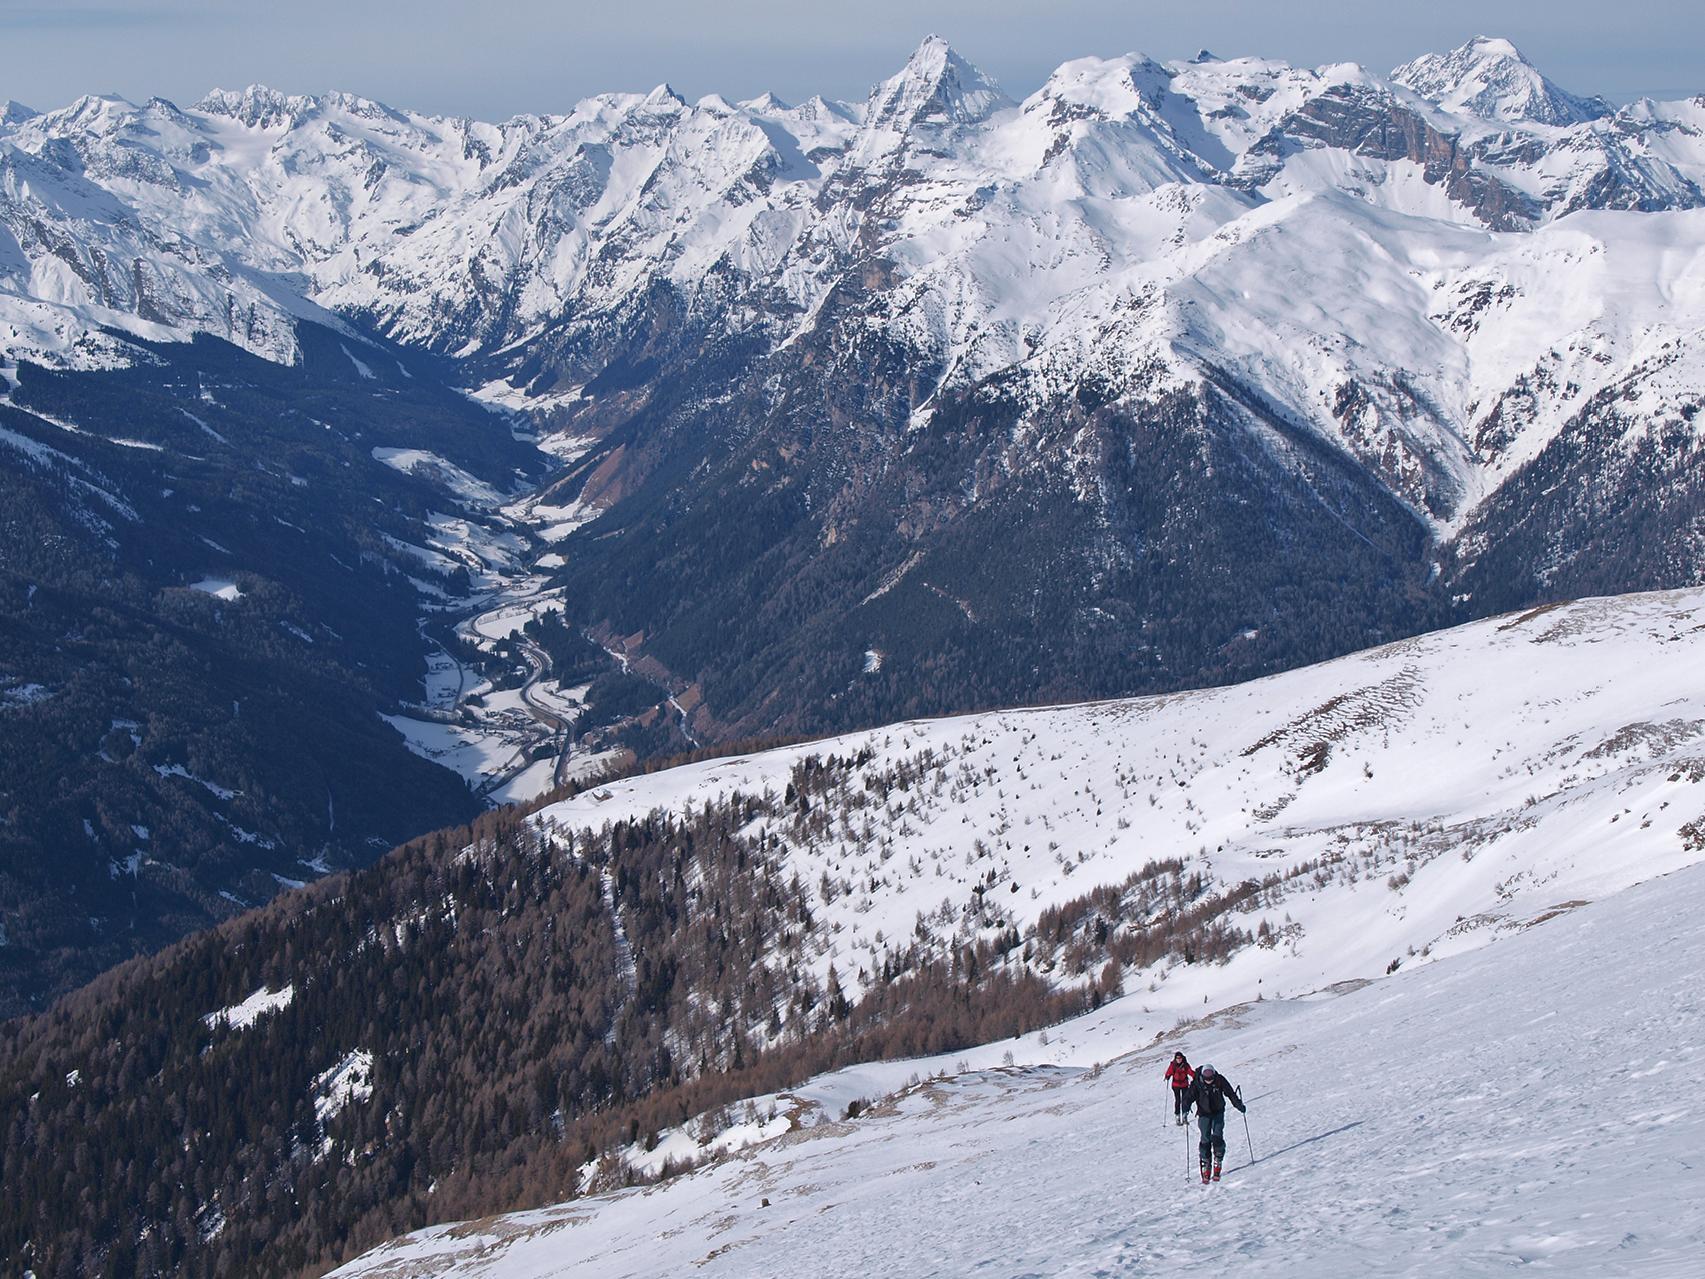 Escursione sci d'alpinismo: Cima Gallina